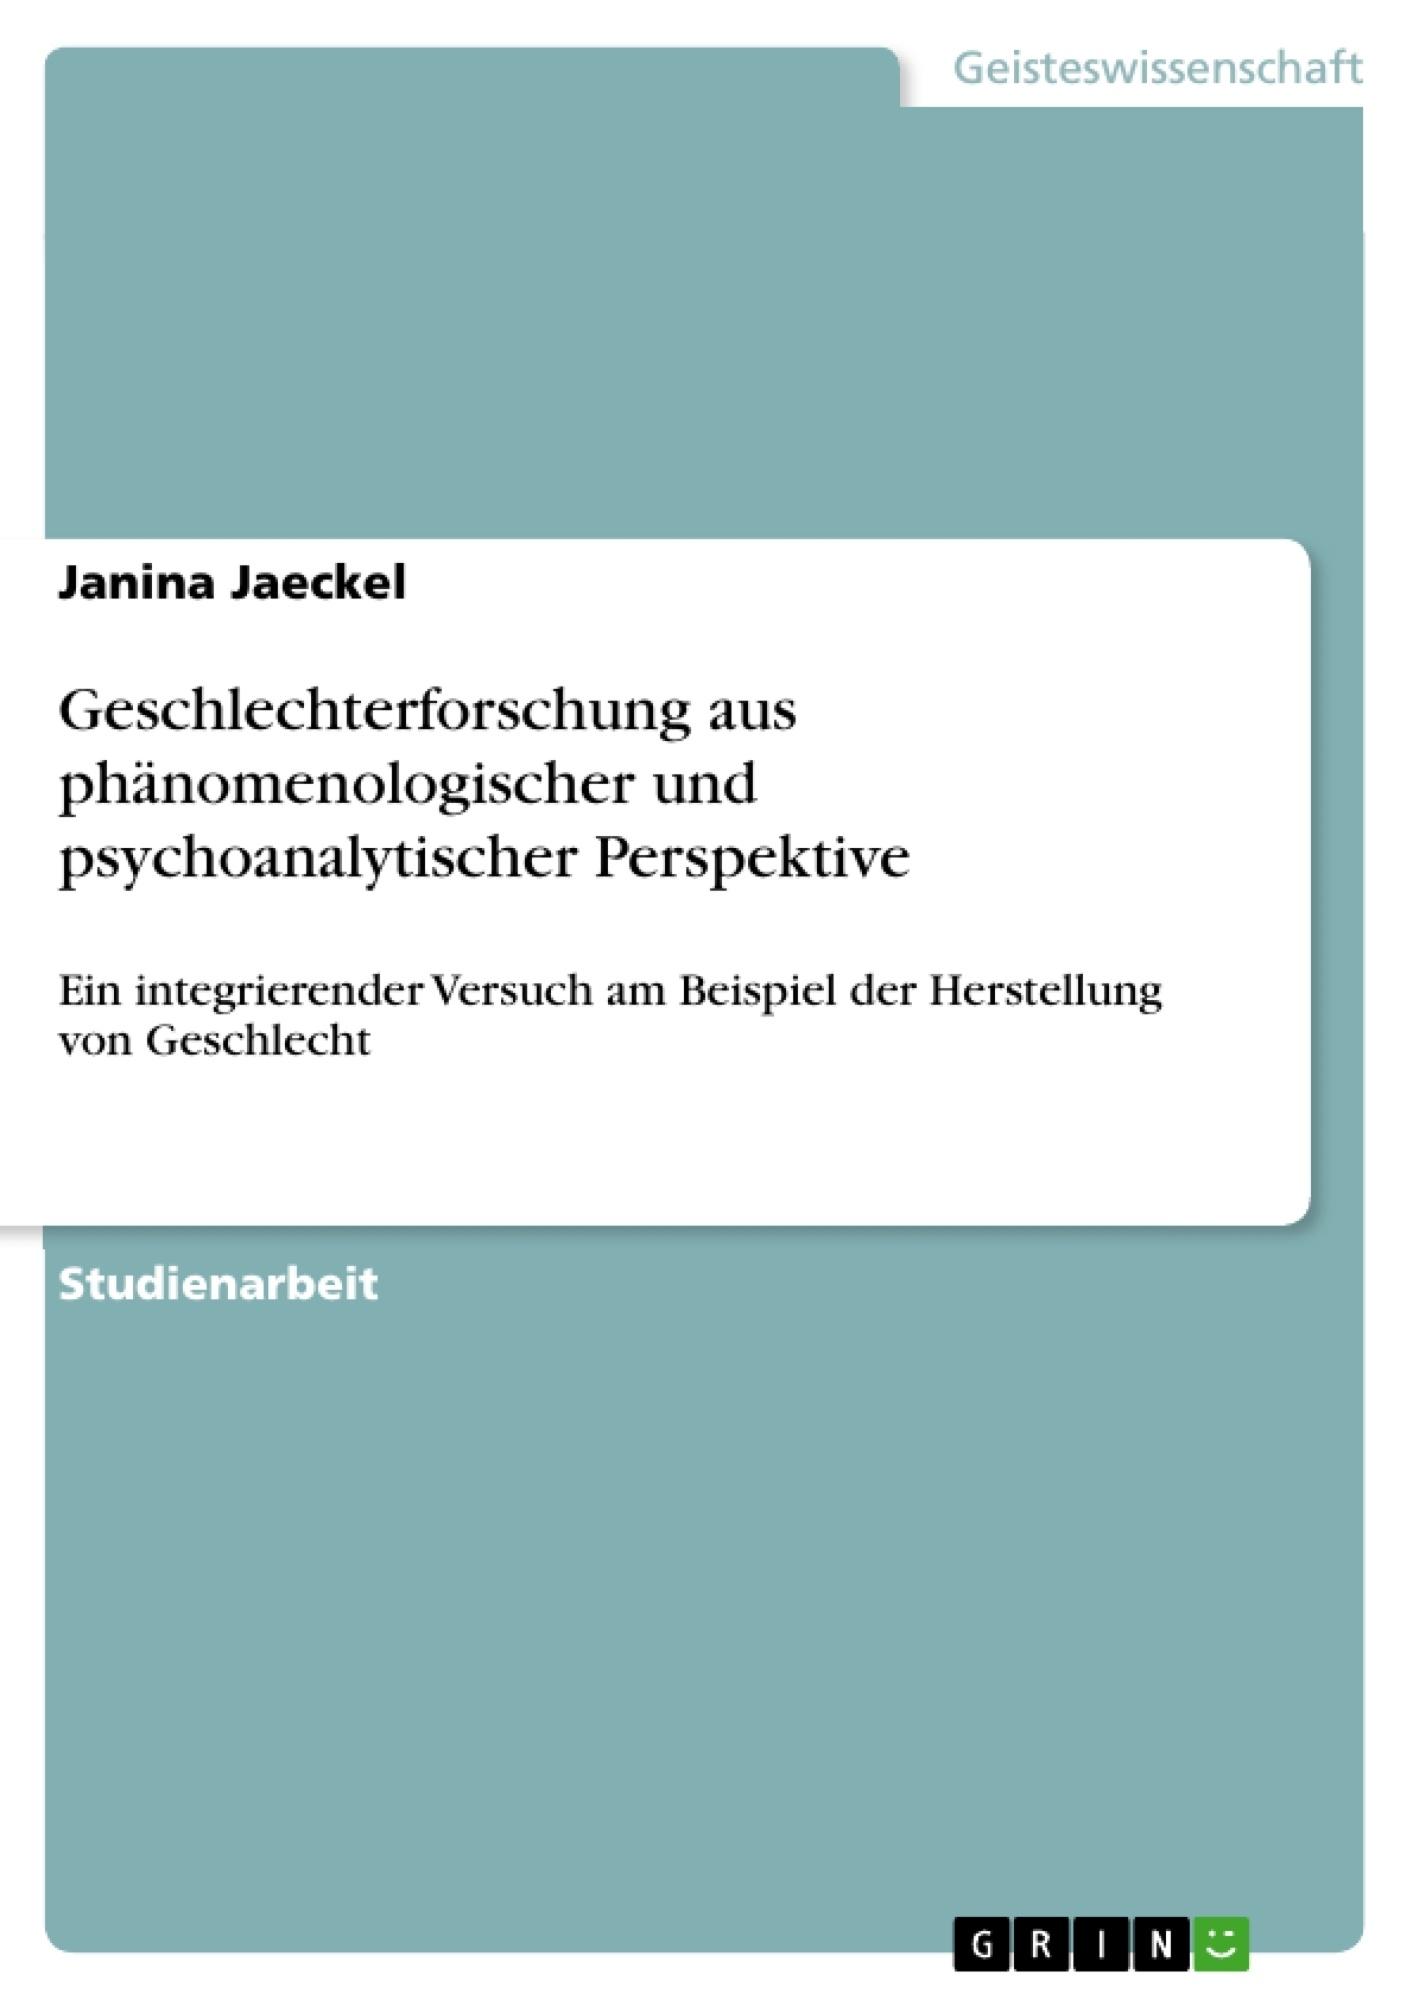 Titel: Geschlechterforschung aus phänomenologischer und psychoanalytischer Perspektive